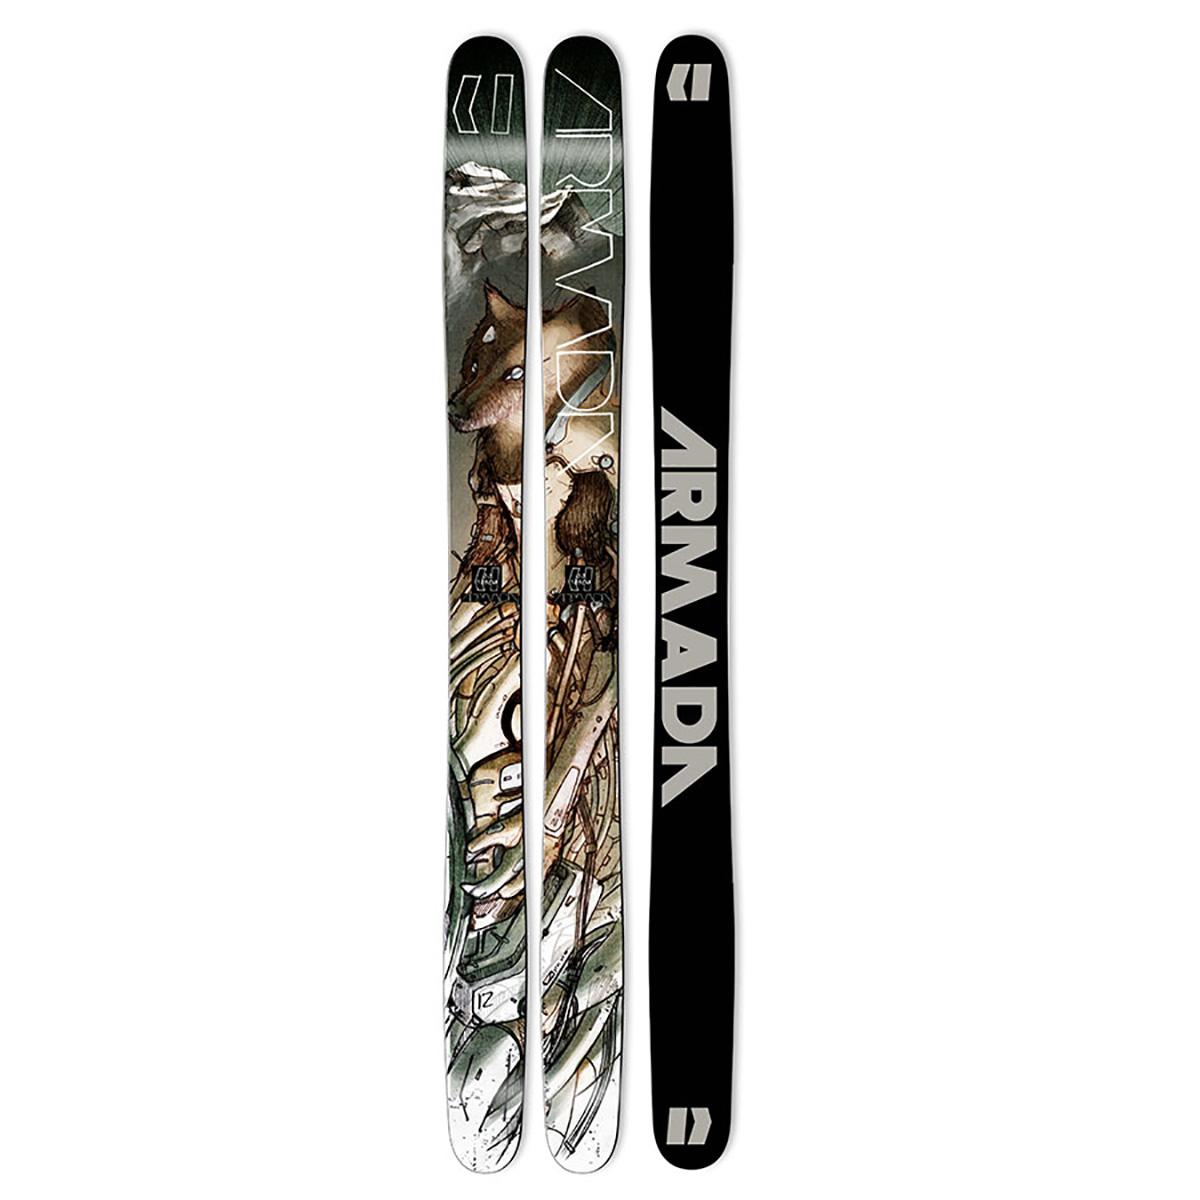 Armada Jj 2 0 2016 Ski 110 119mm Epictv Shop